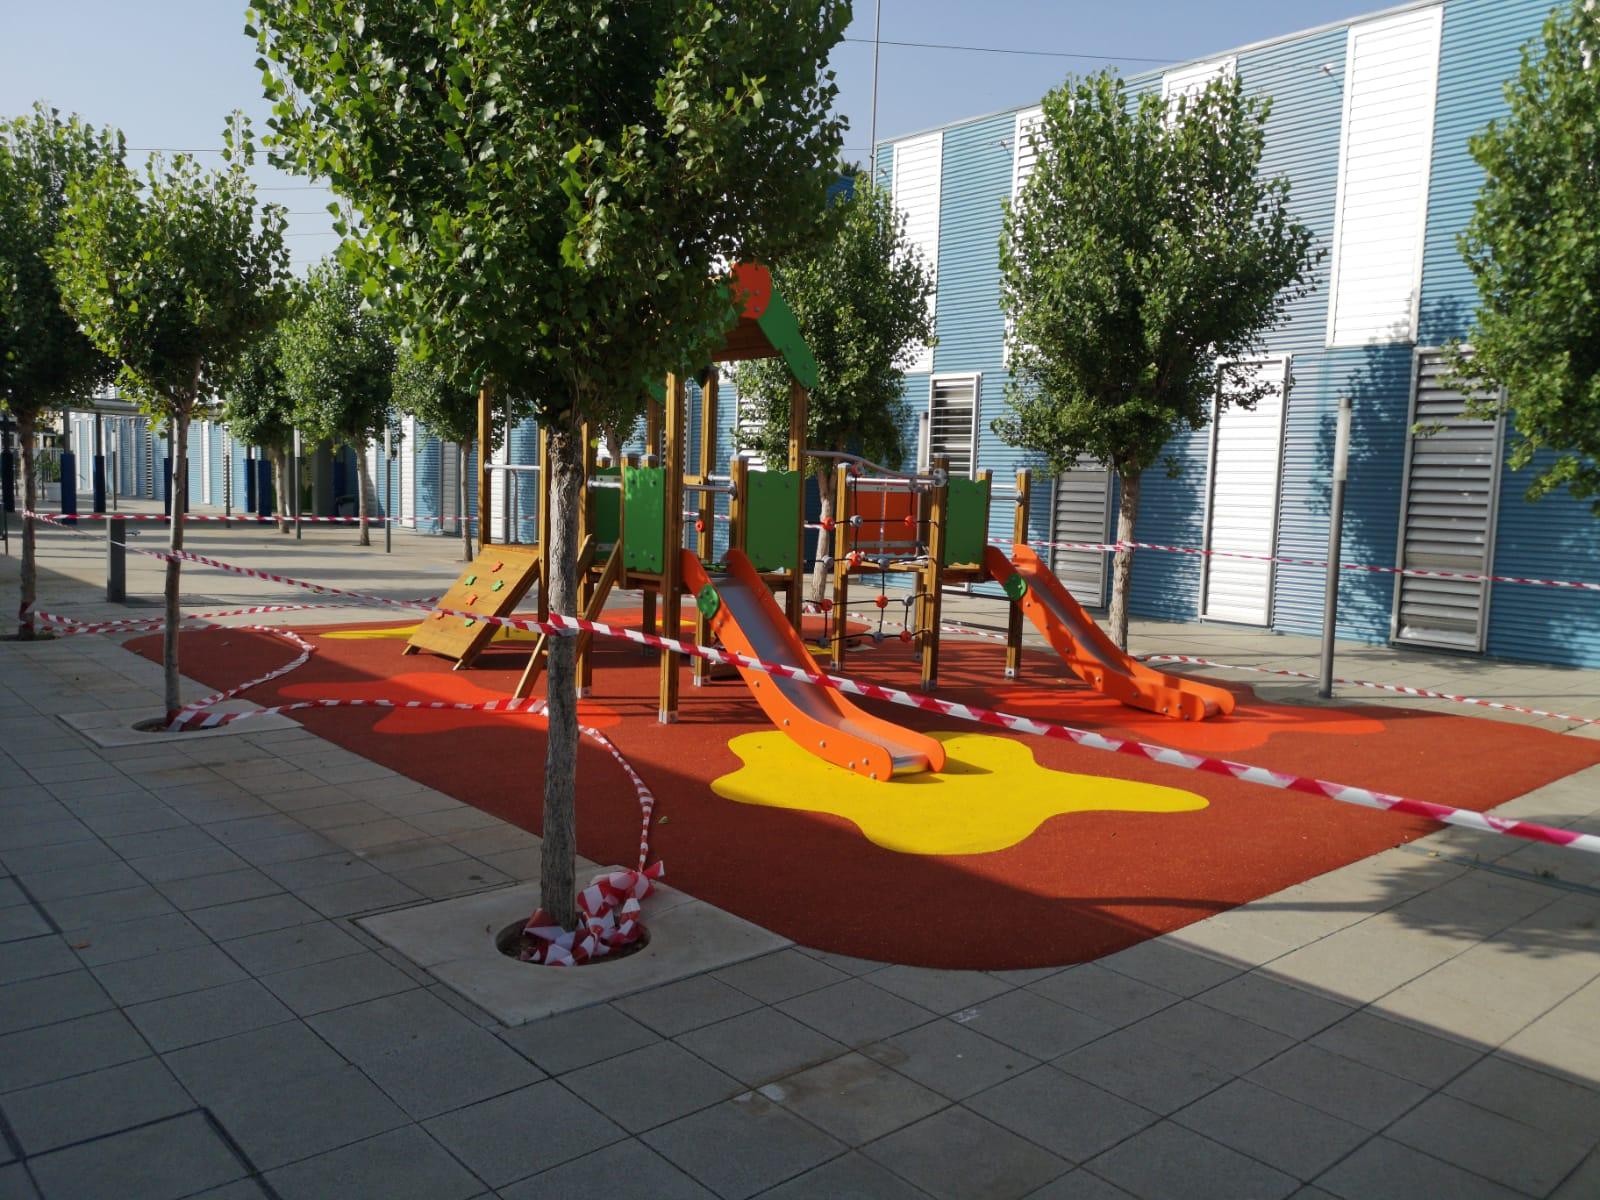 Juegos infantiles y suelo de caucho en colegio de Sollana